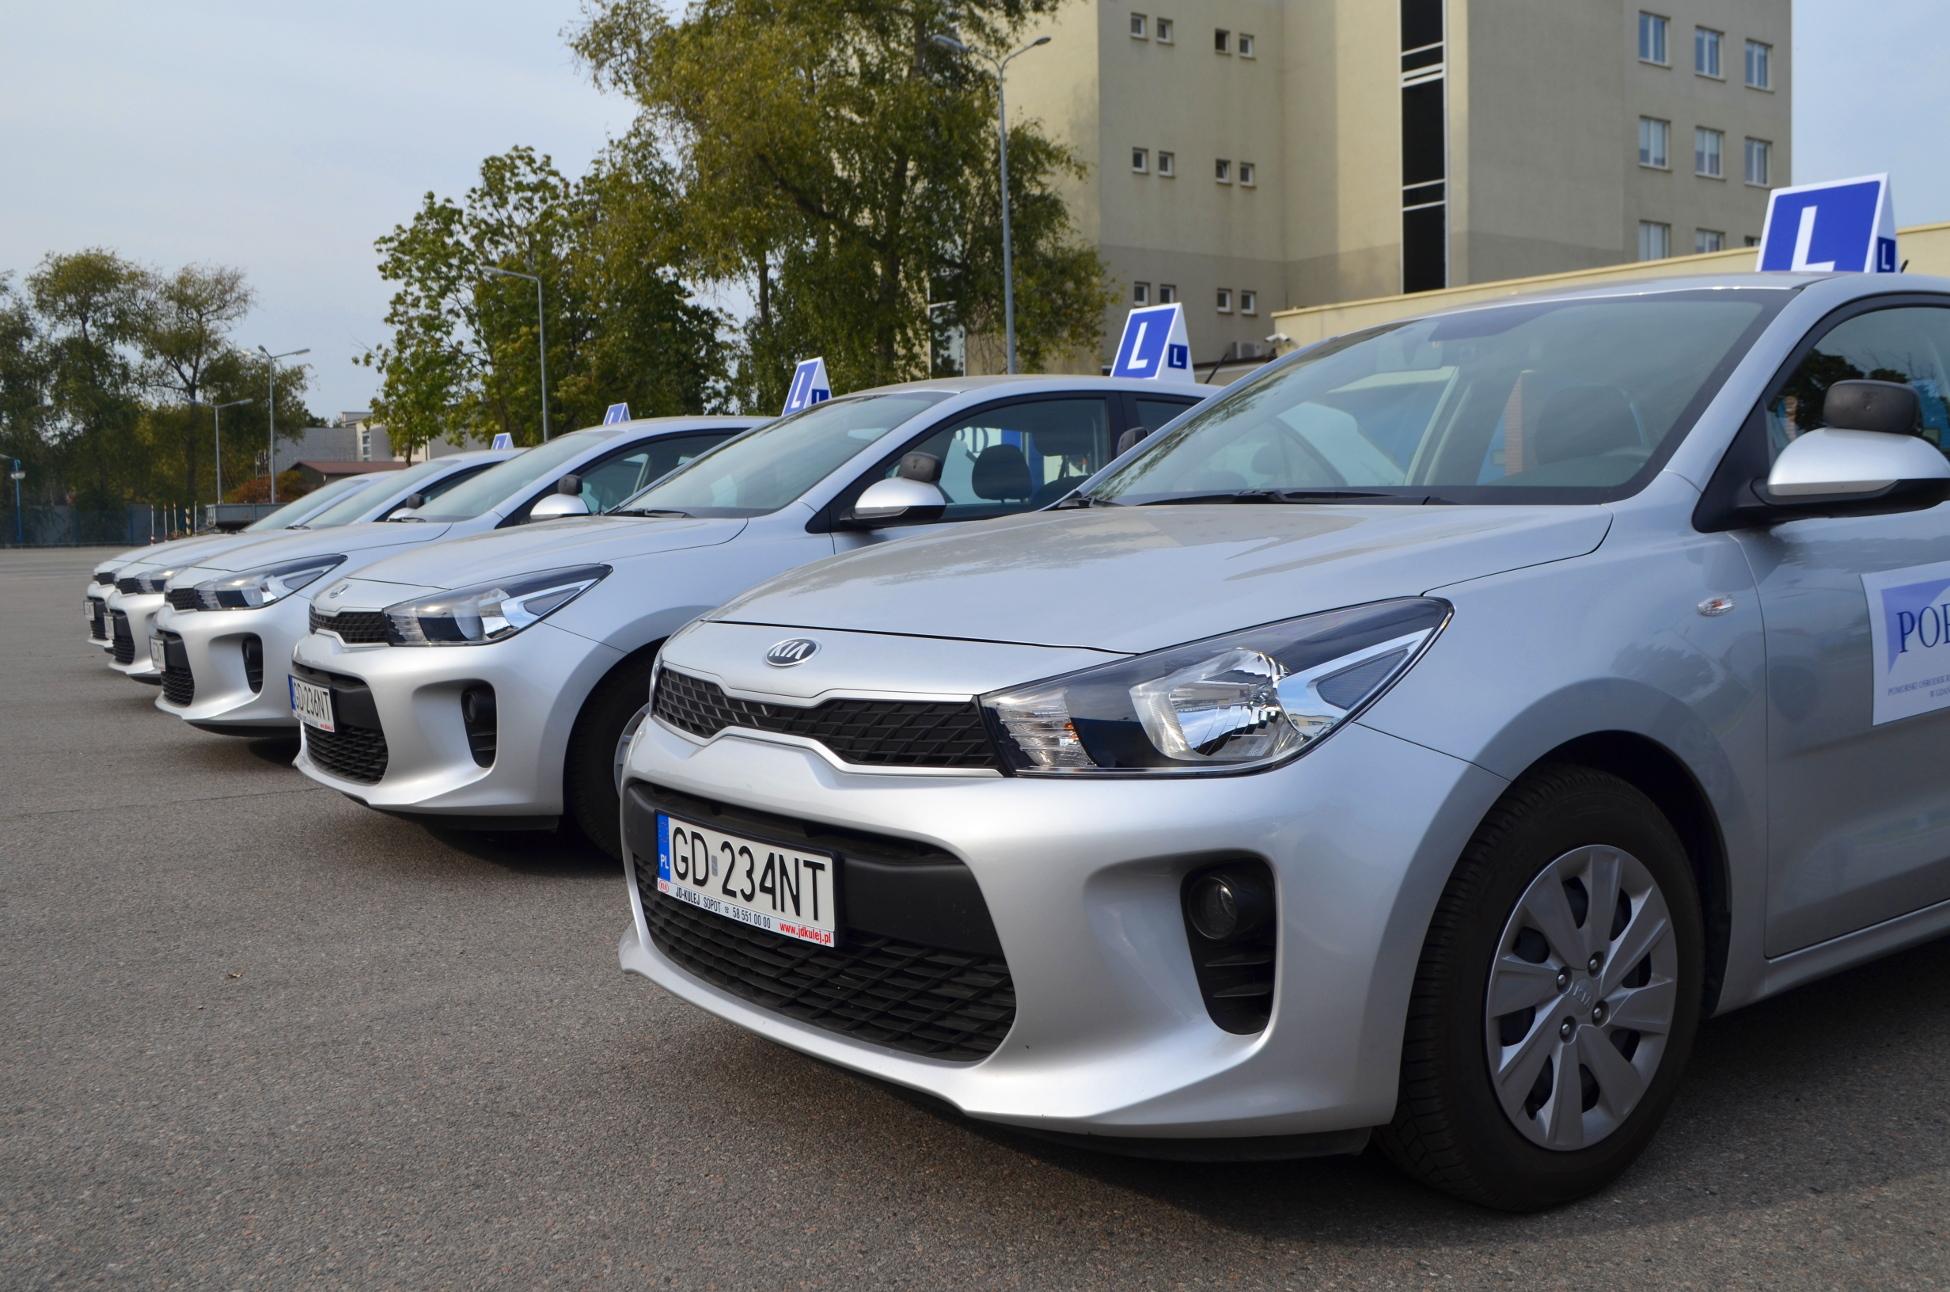 Pomorski Ośrodek Ruchu Drogowego będzie miał filię i plac egzaminacyjny w Chojnicach. Pierwsze egzaminy już w 2019 roku